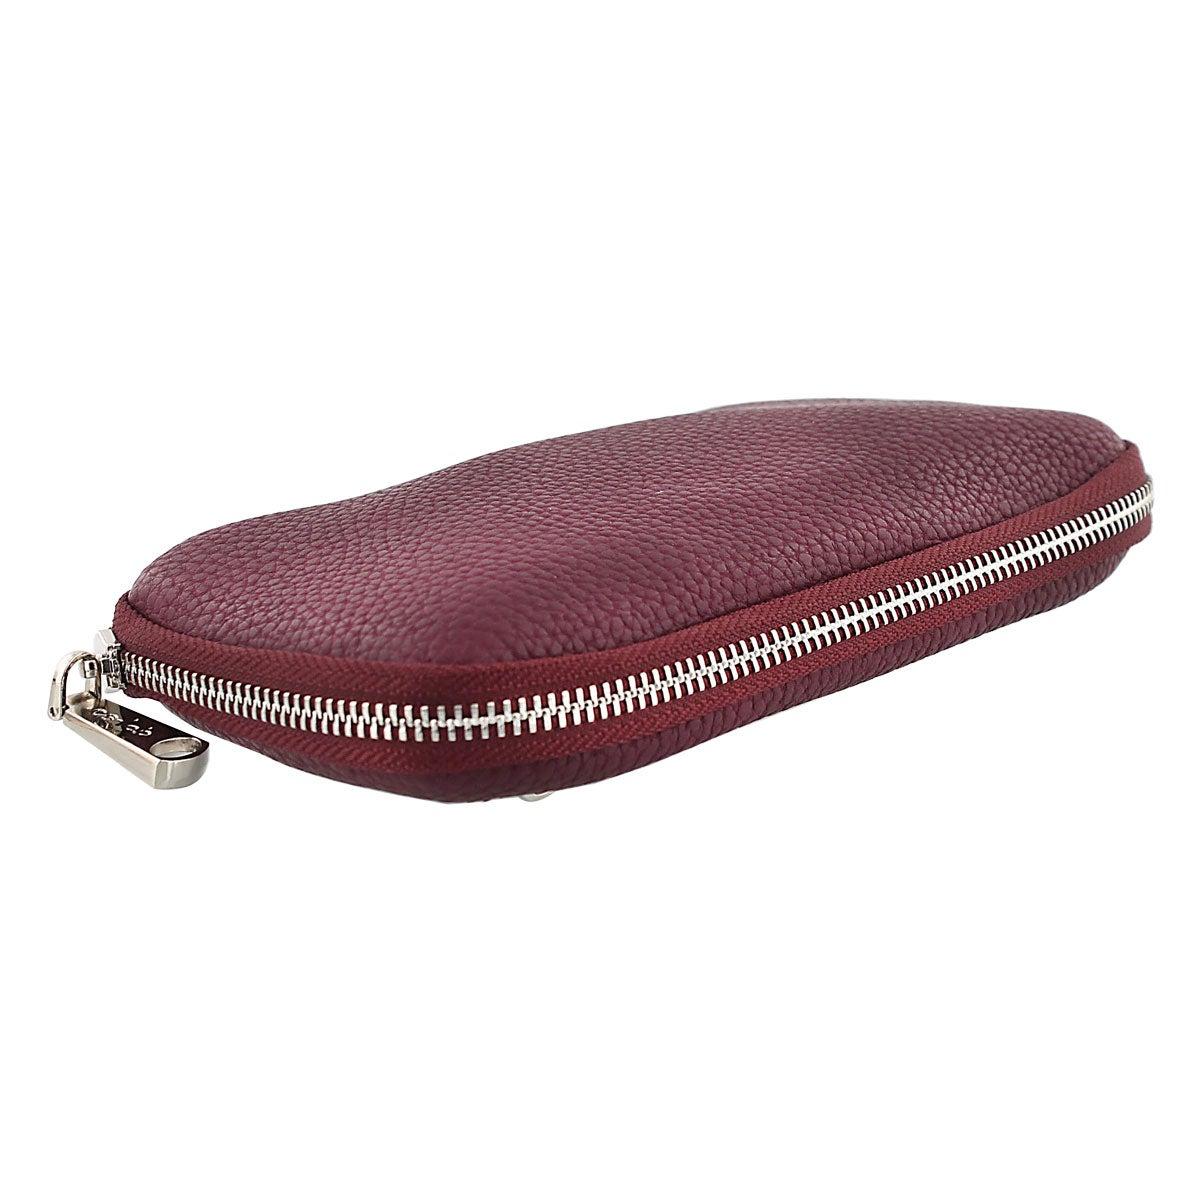 Lds Double Zip World wine wallet